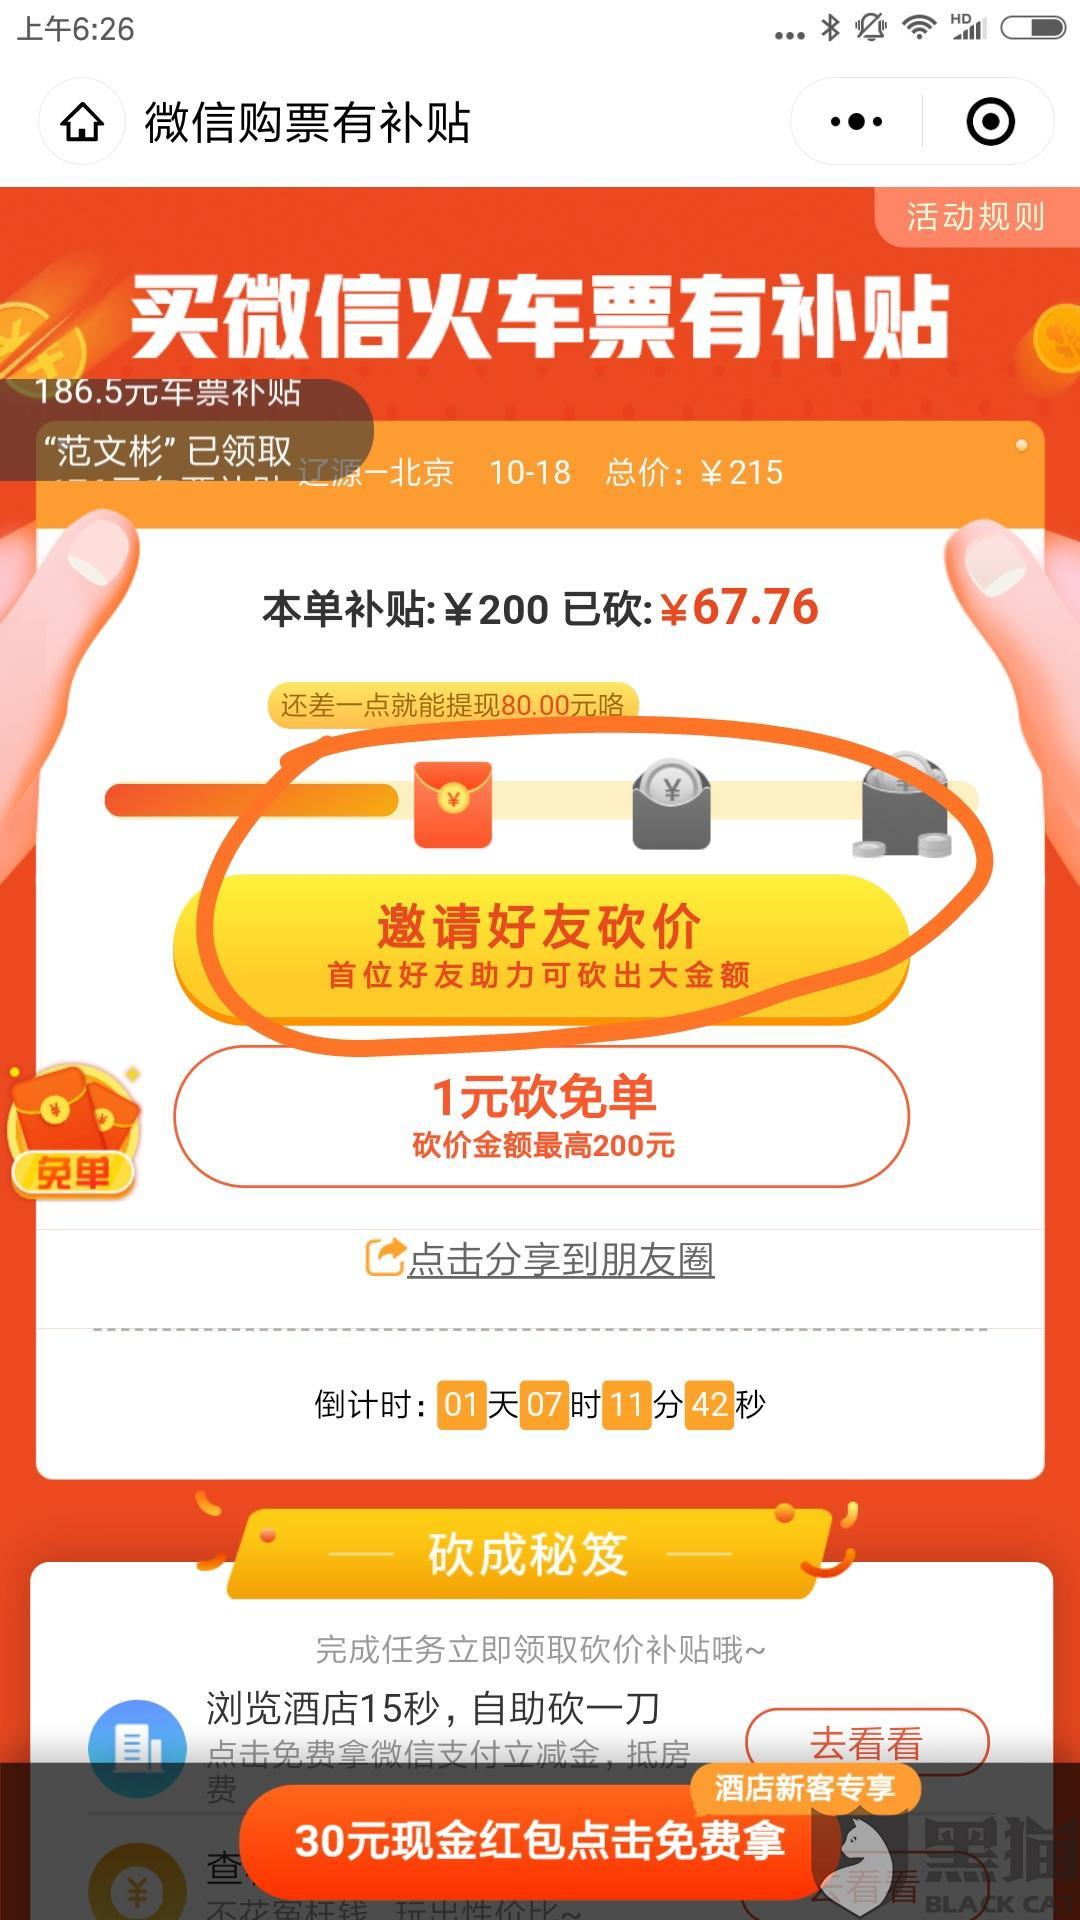 黑猫投诉:同程艺龙官方微博用时6小时解决了消费者投诉